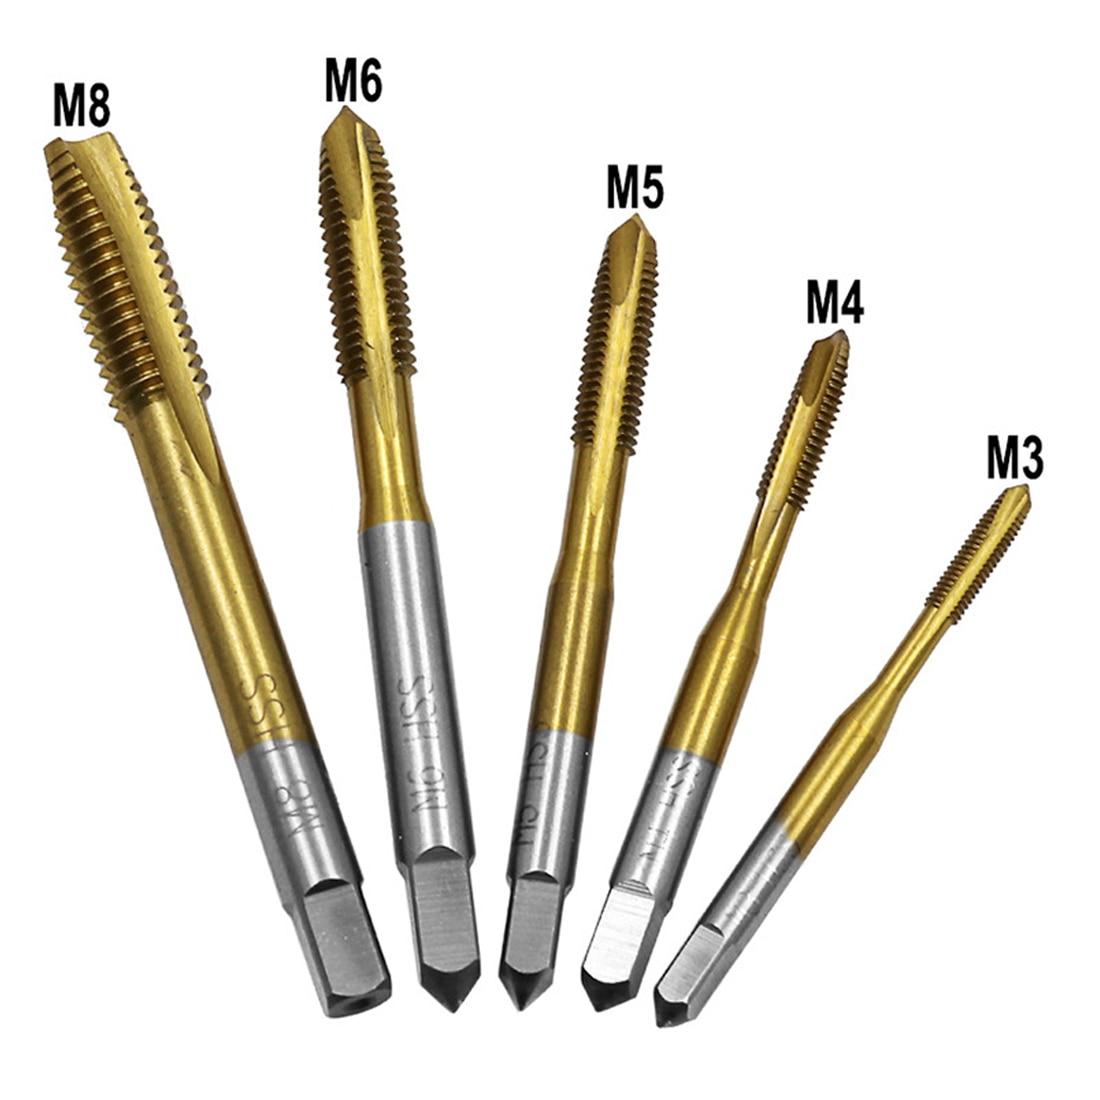 Handwerkzeuge Diszipliniert M3-m8 High Speed Stahl Schraube Spitze Titan Beschichtet Hss Metric Gerade Flöte Gewinde Schraube Tap Stecker Tippen Kunden Zuerst